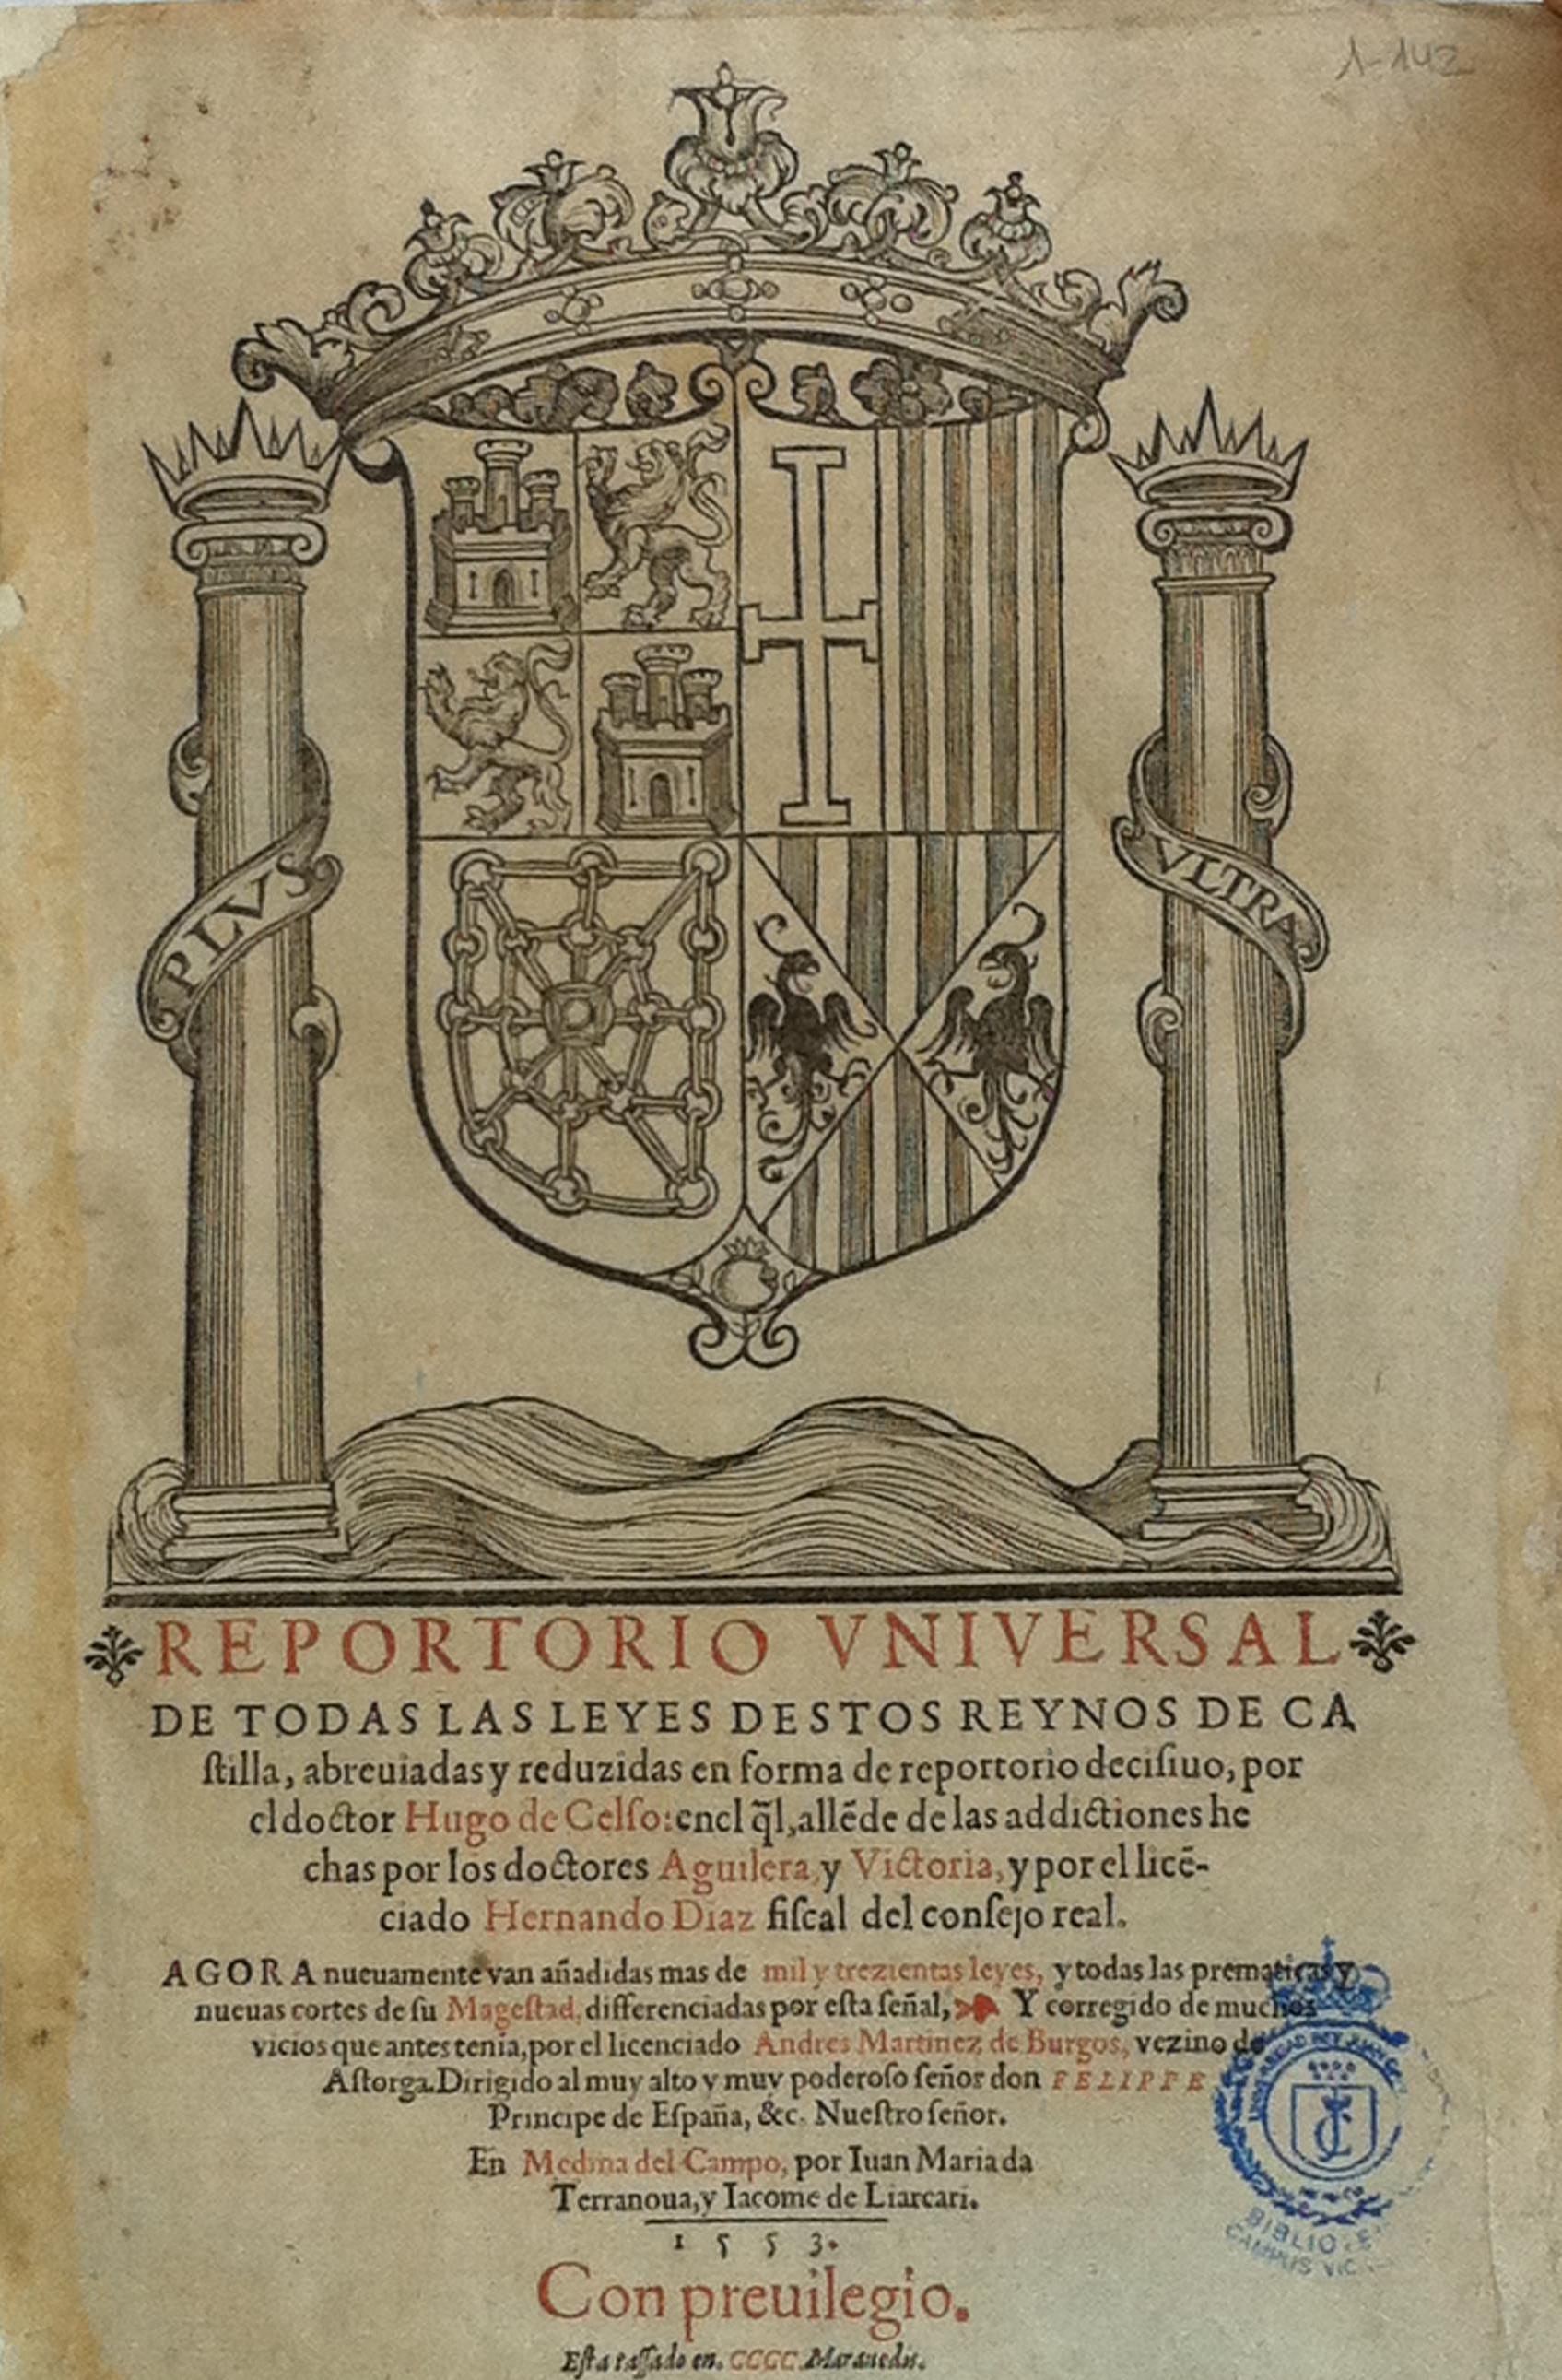 Reportorio vniversal de todas las leyes destos Reynos de Castilla, 1553